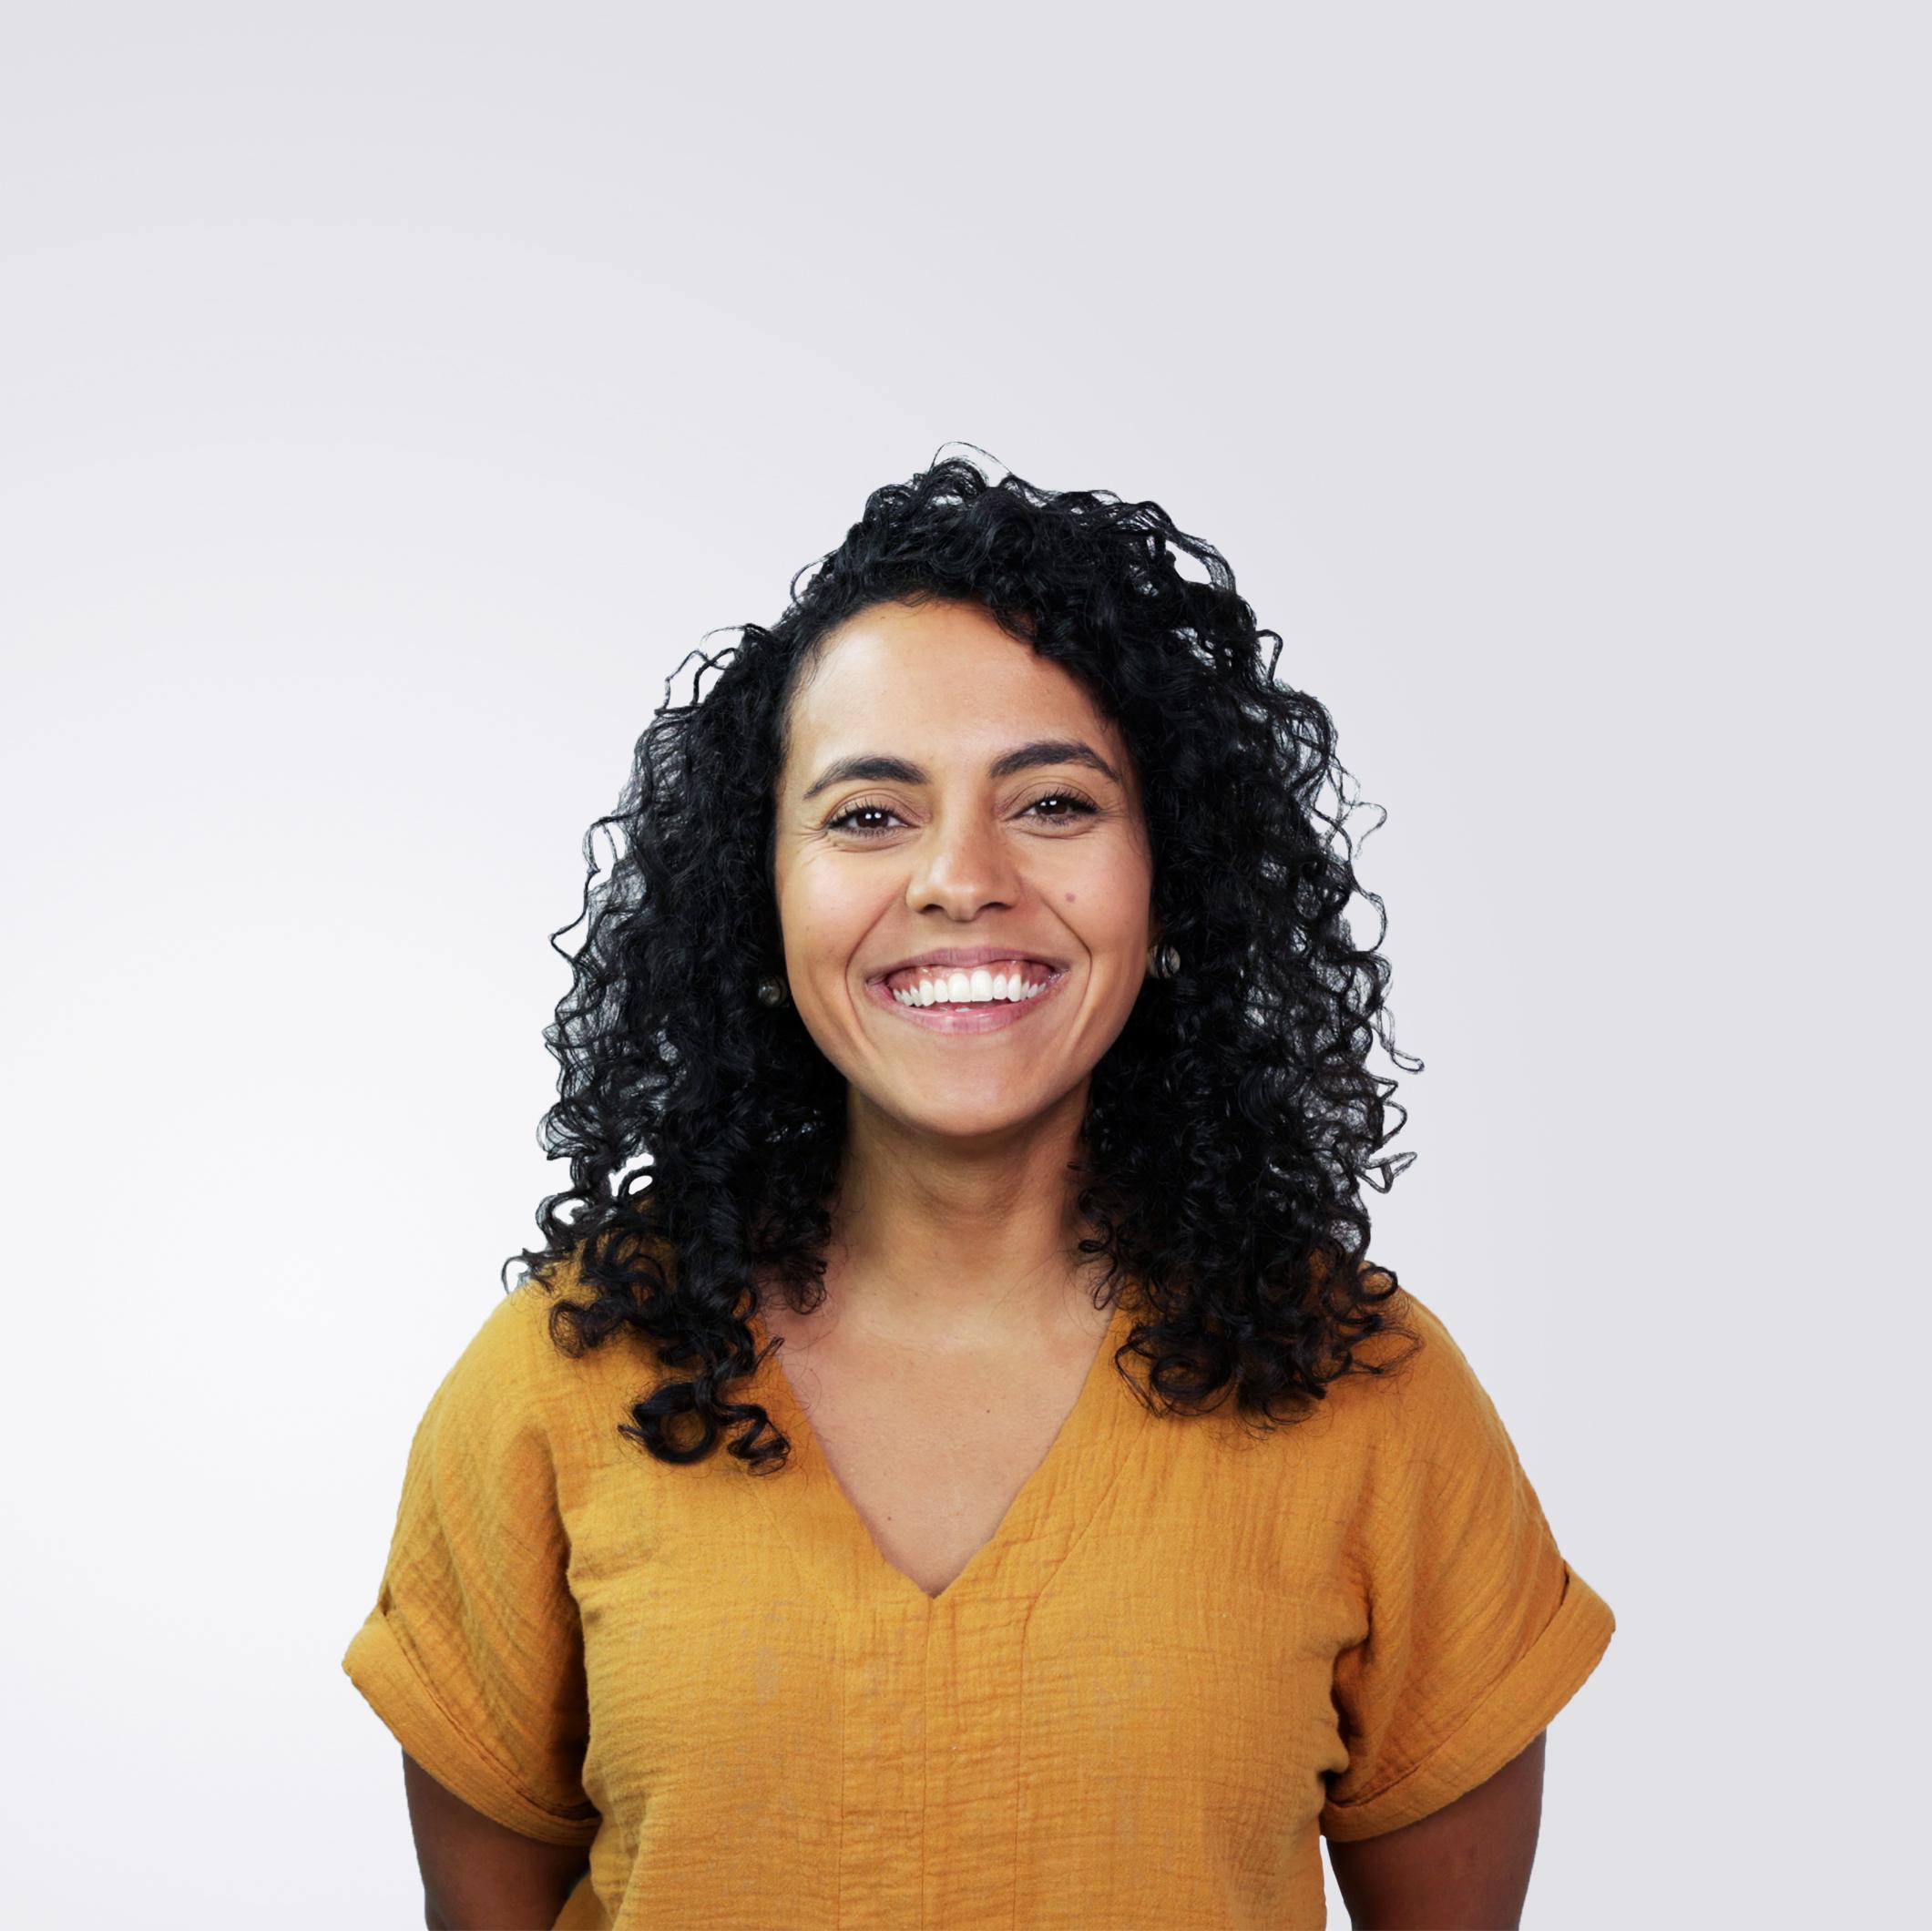 Mandy smiling